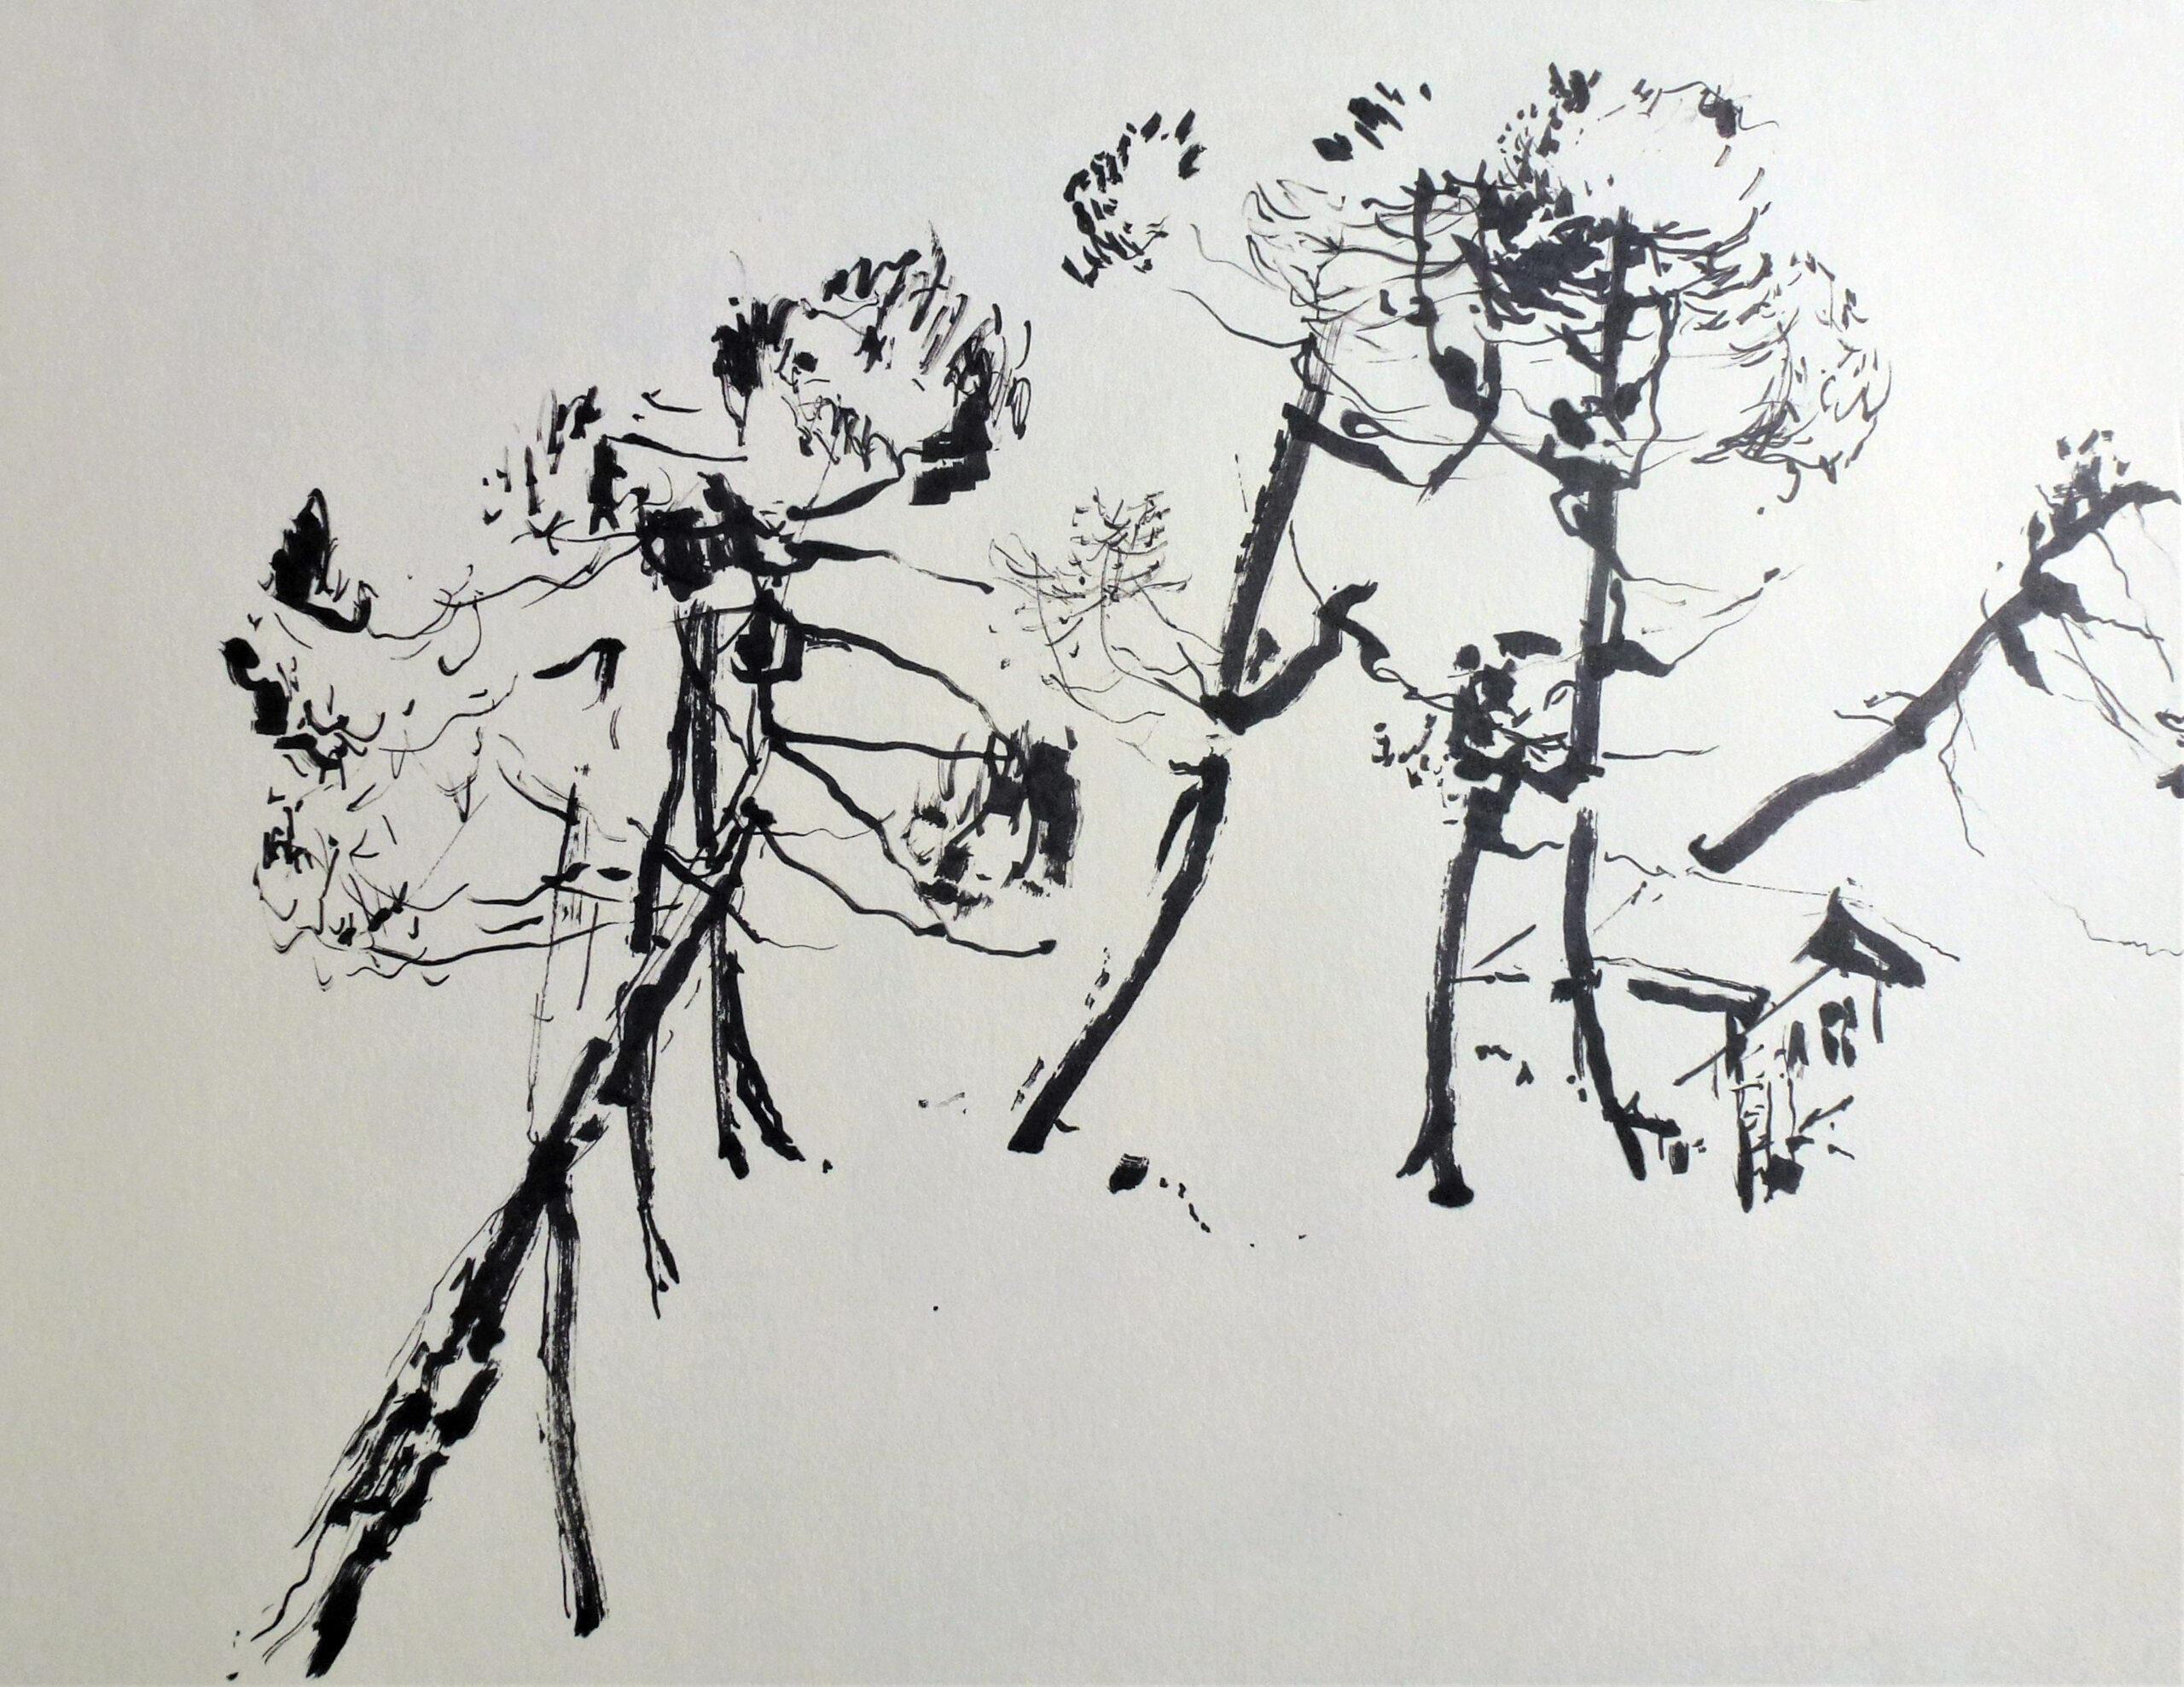 Filzstift, 30 x 30 cm (Ausschnitt)